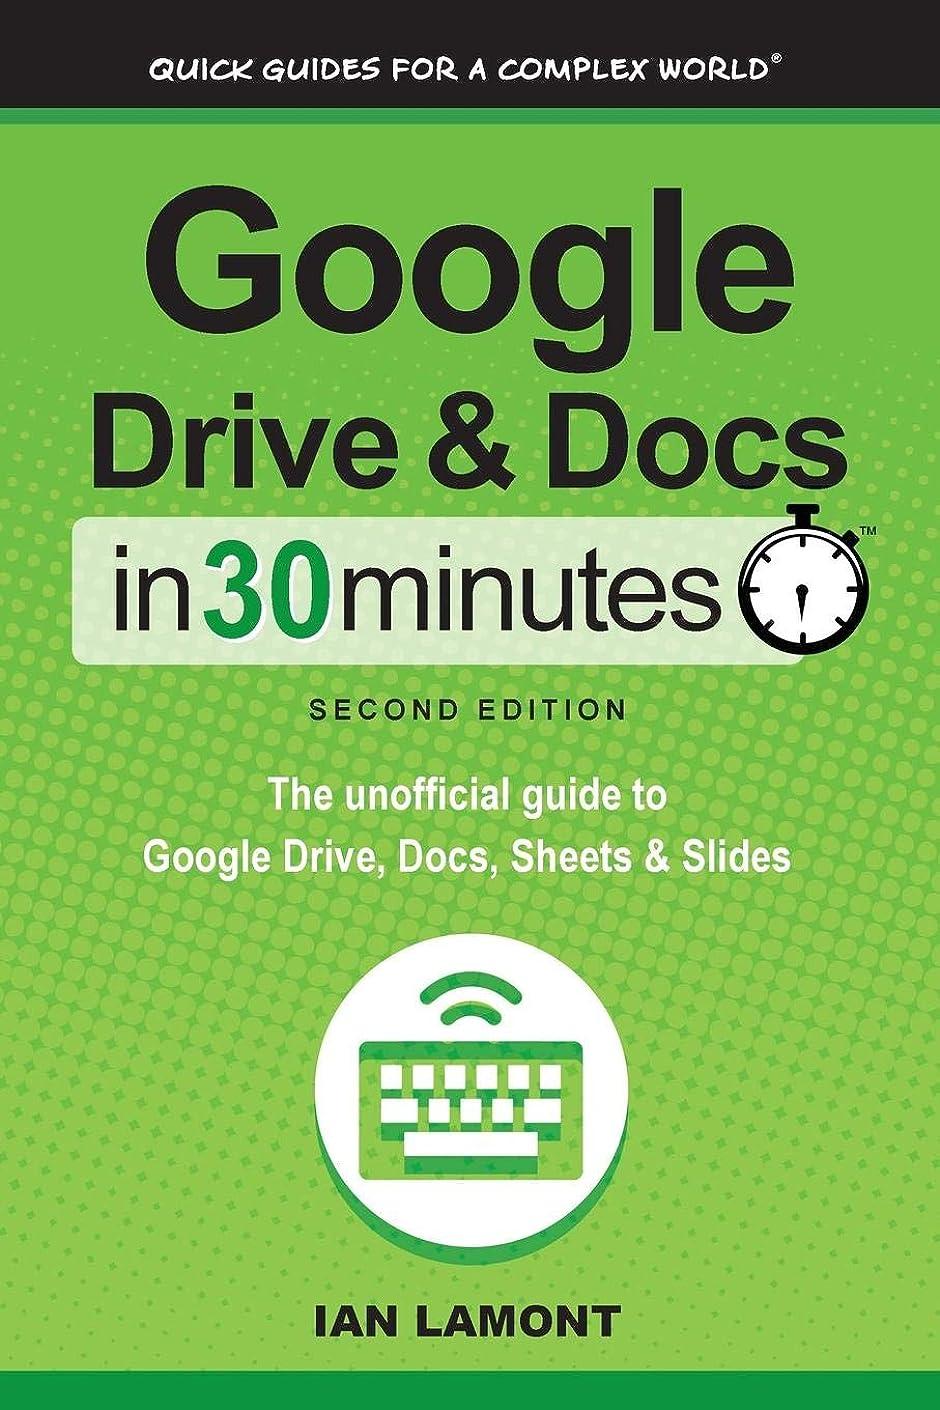 自分の力ですべてをする台風狂ったGoogle Drive & Docs in 30 Minutes (2nd Edition): The unofficial guide to the new Google Drive, Docs, Sheets & Slides